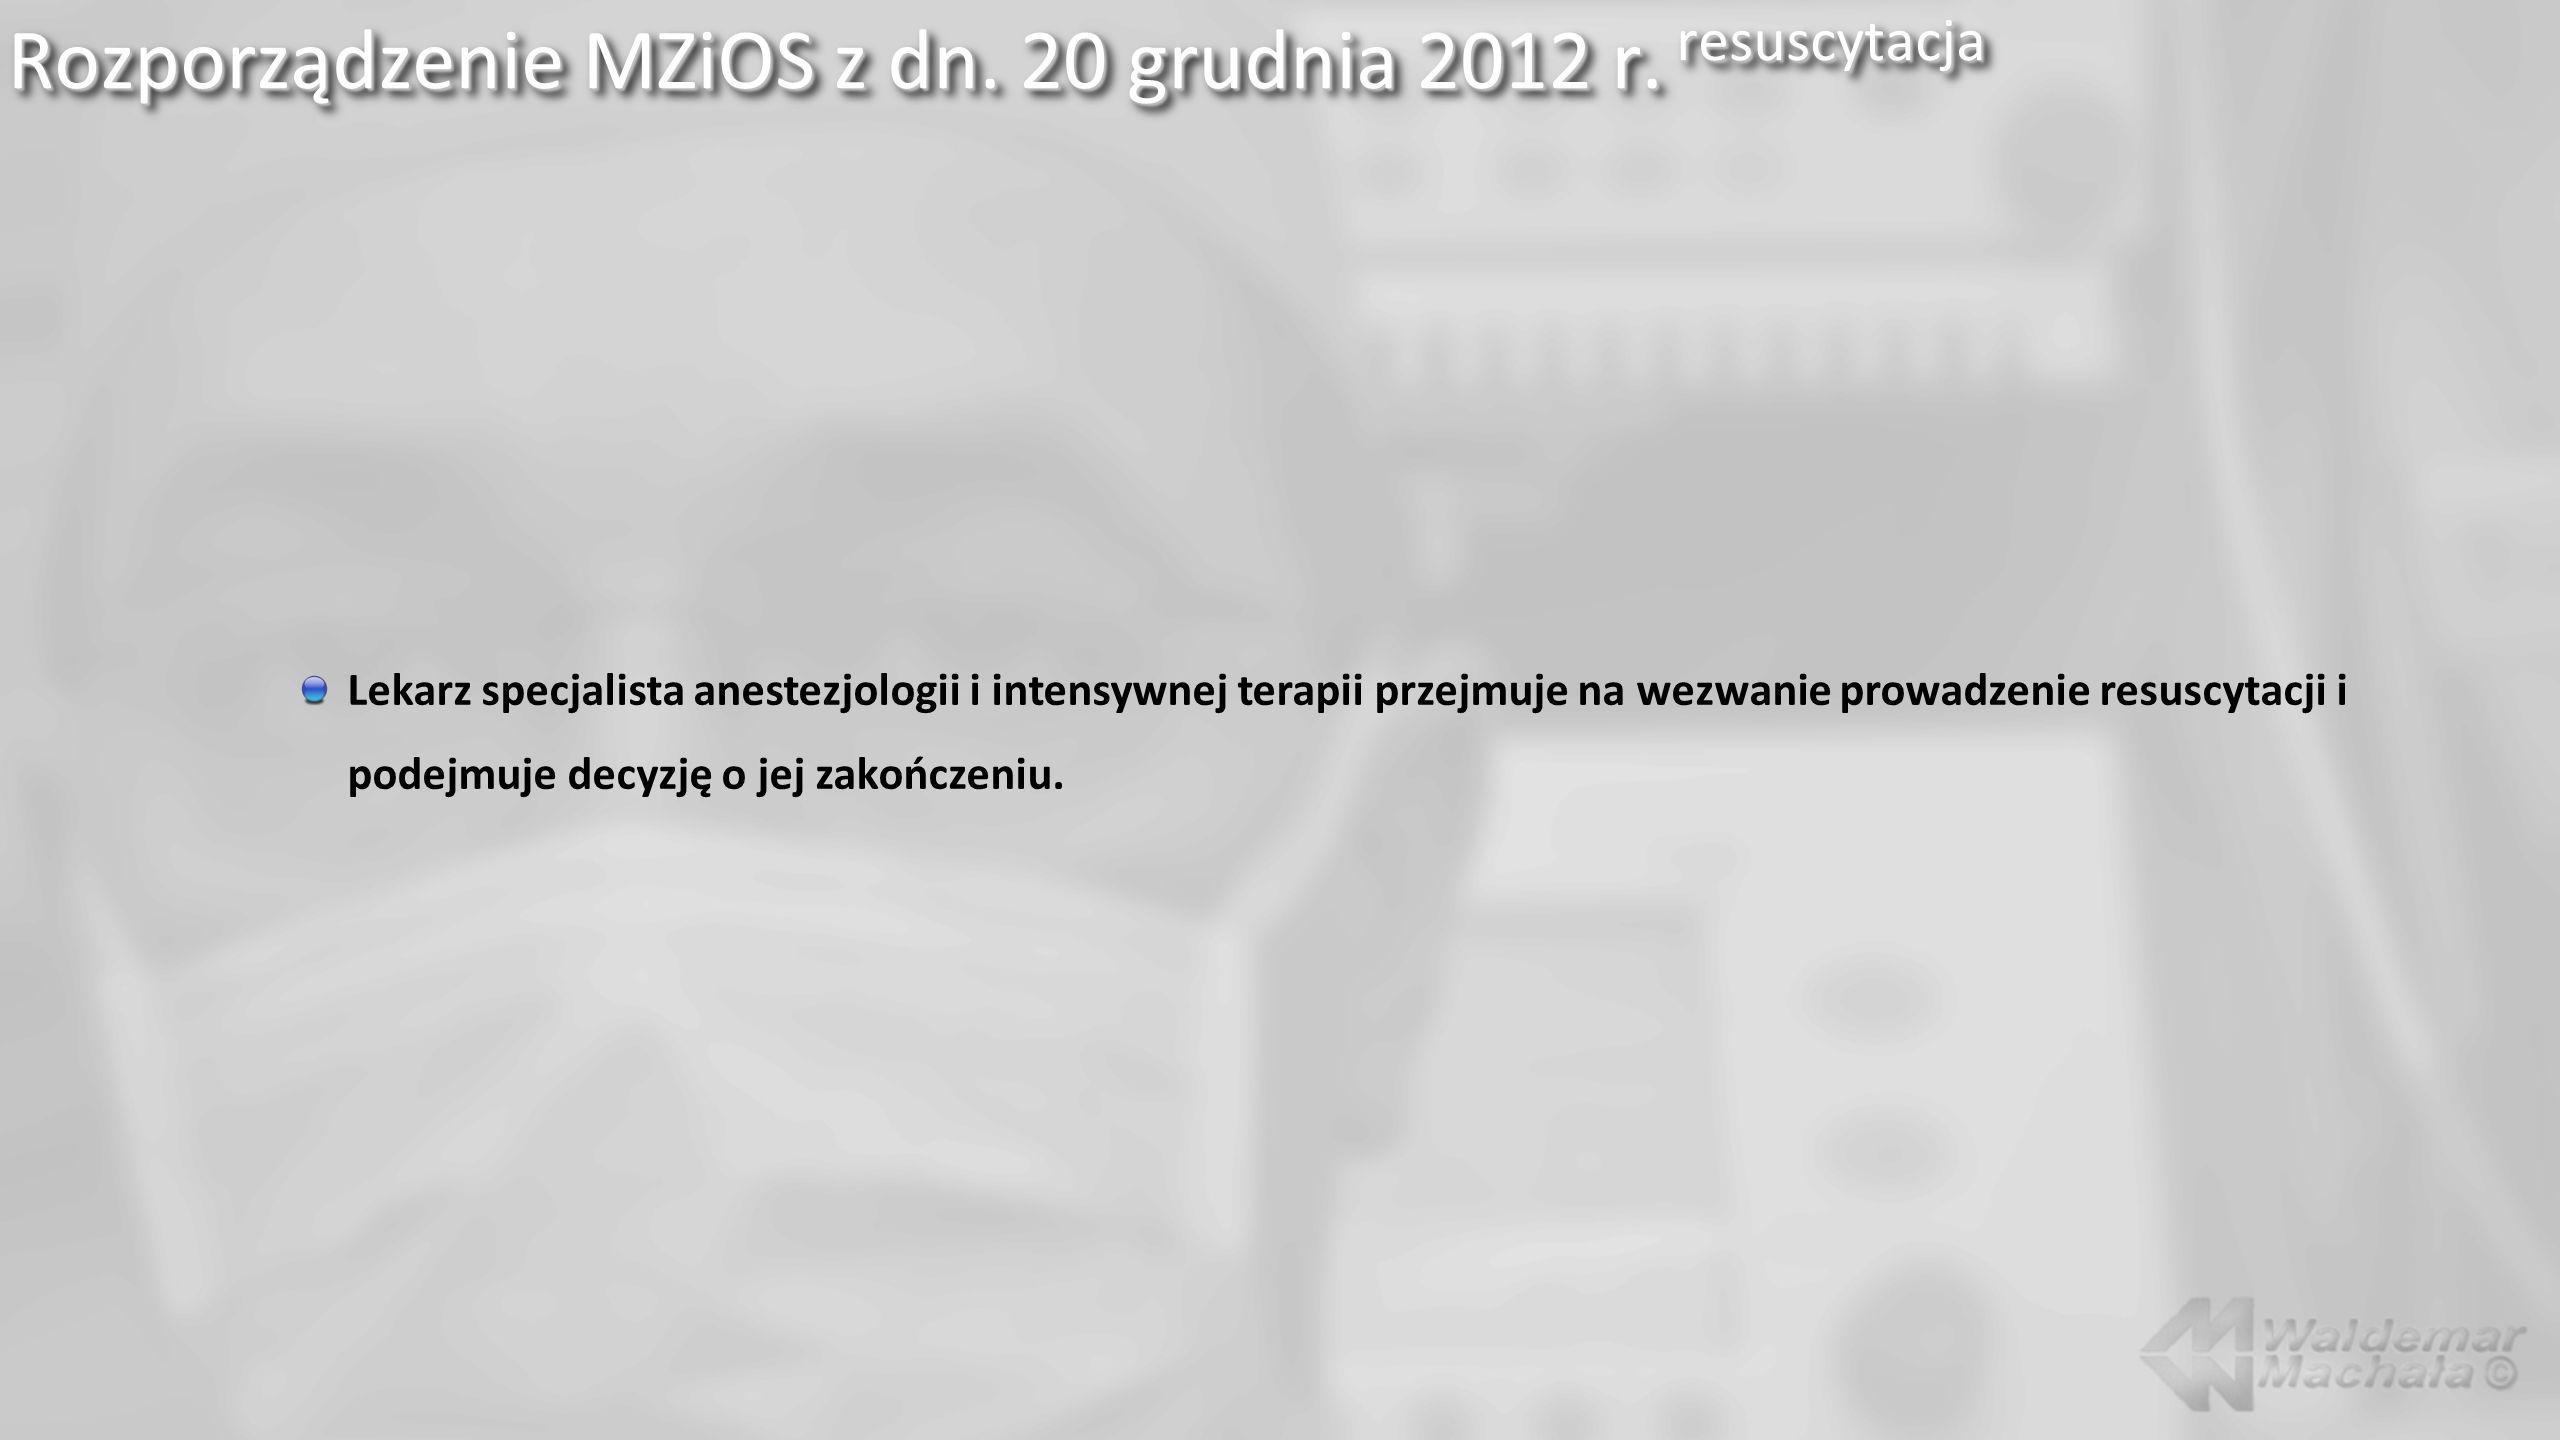 Rozporządzenie MZiOS z dn. 20 grudnia 2012 r. resuscytacja